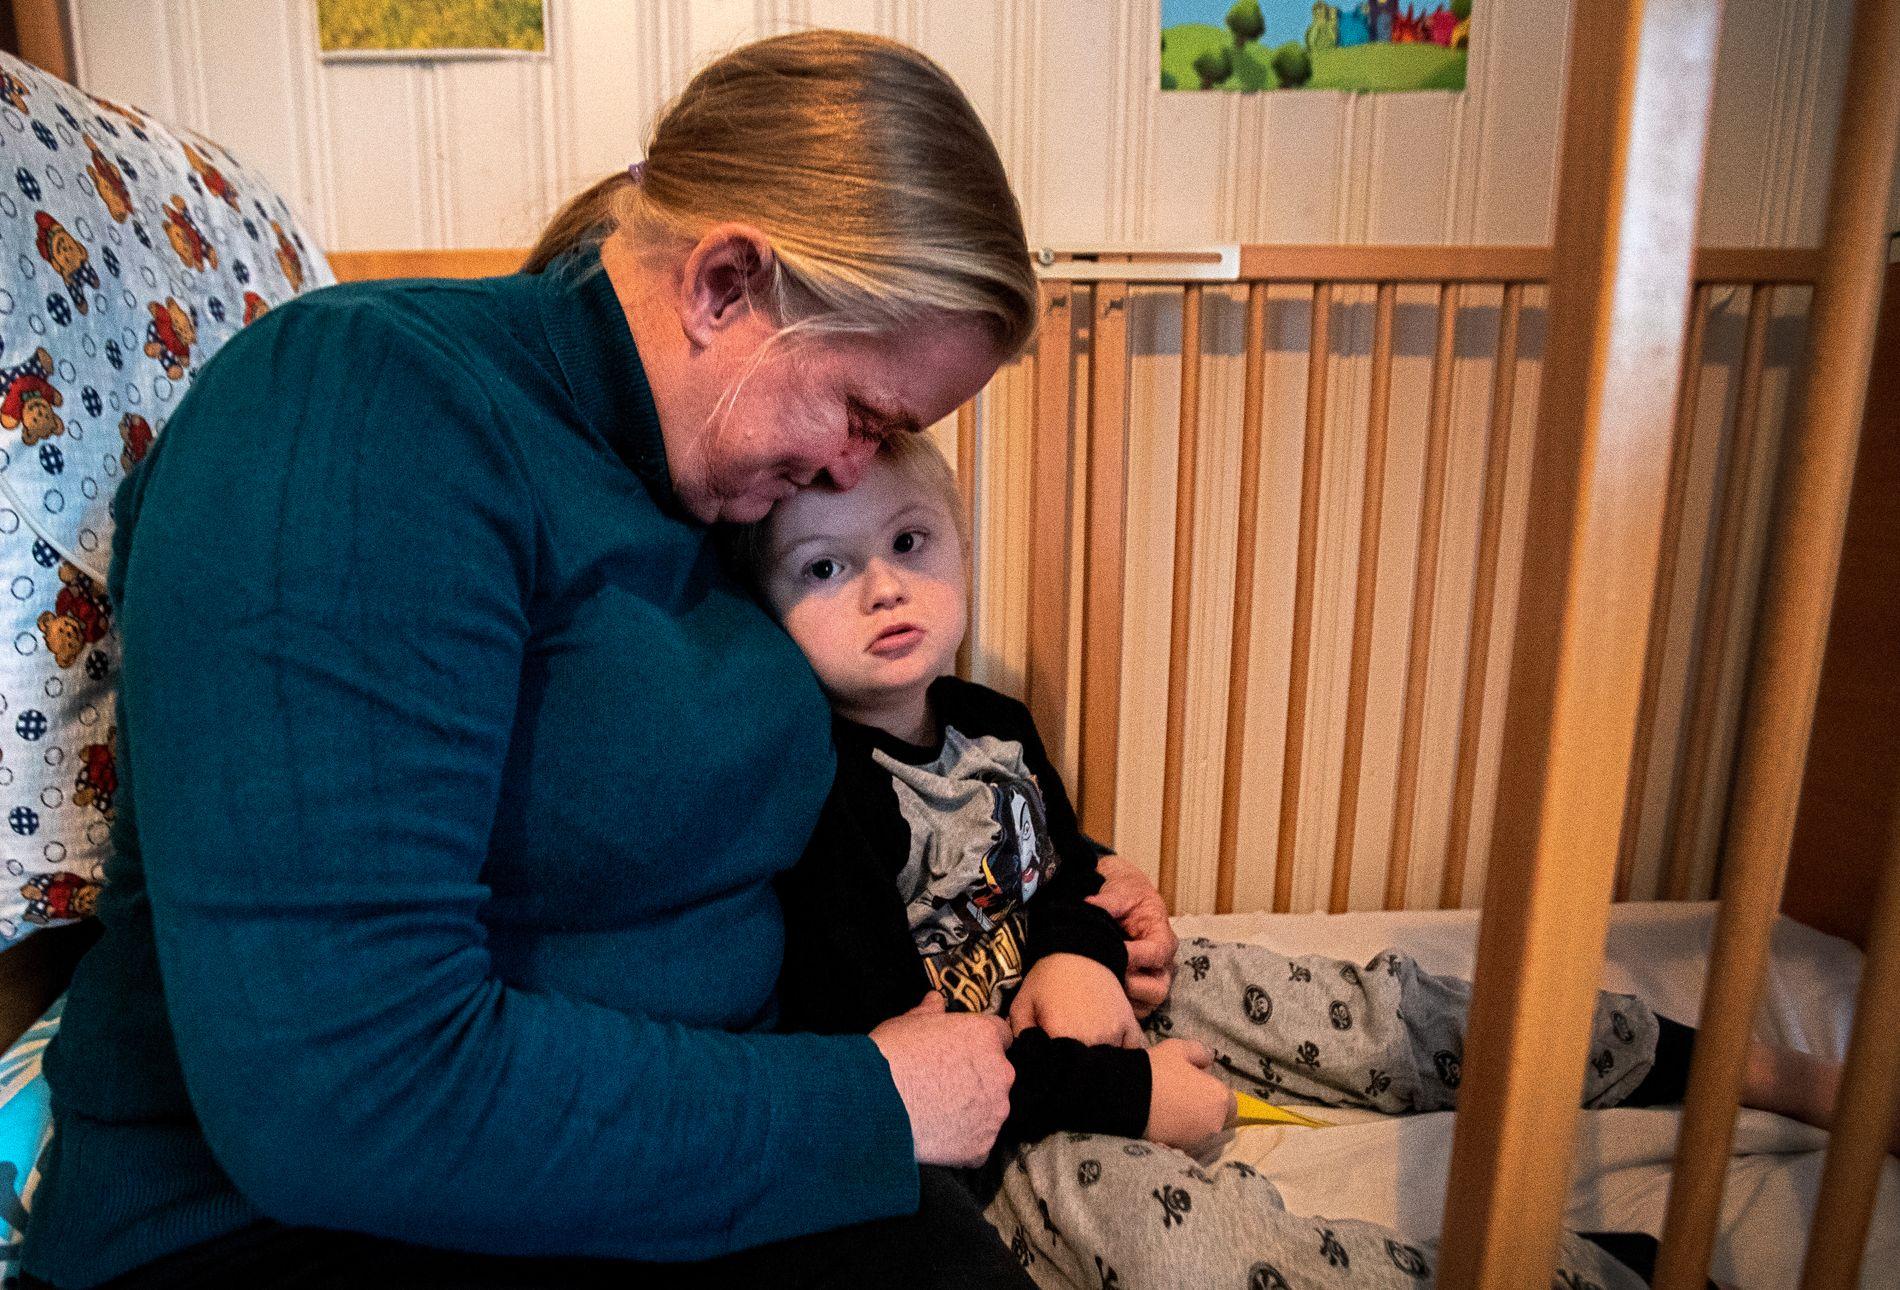 IKKE I MÅL: Nina Bakkefjord er både fornøyd og skuffet over mandagens utfall, forteller hun til VG.